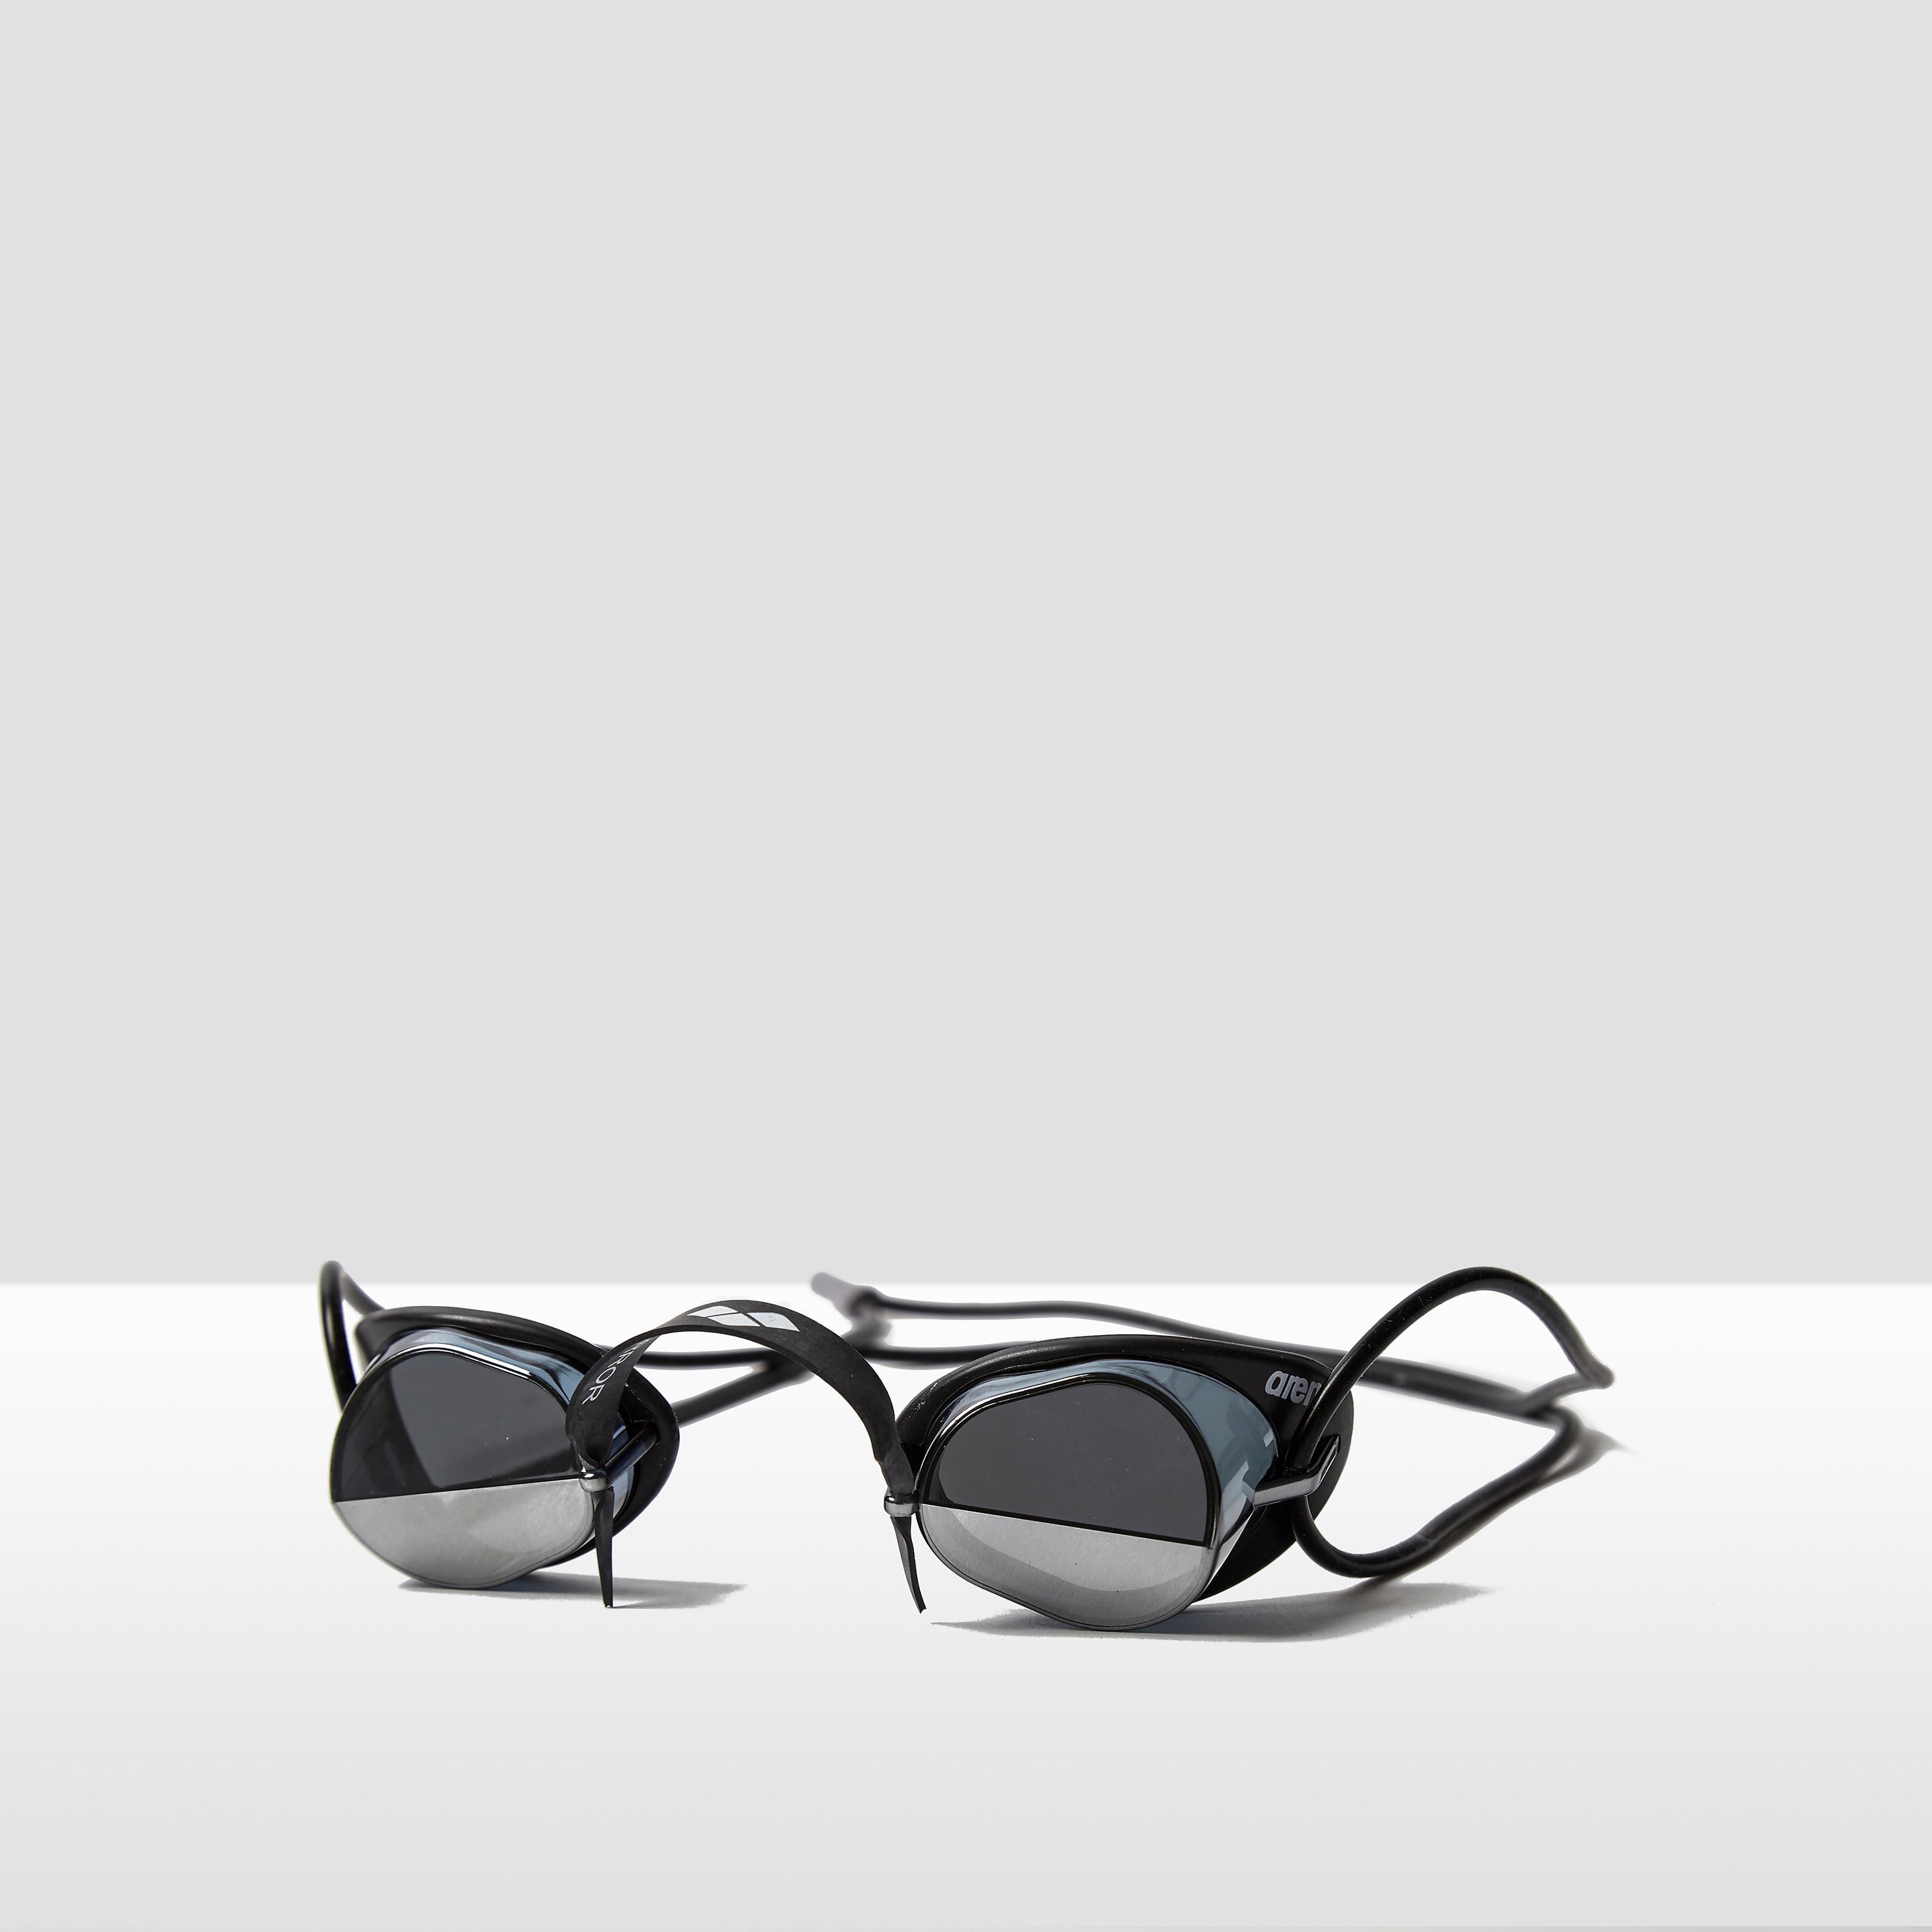 Arena Swedix Mirrored Swimming Goggles